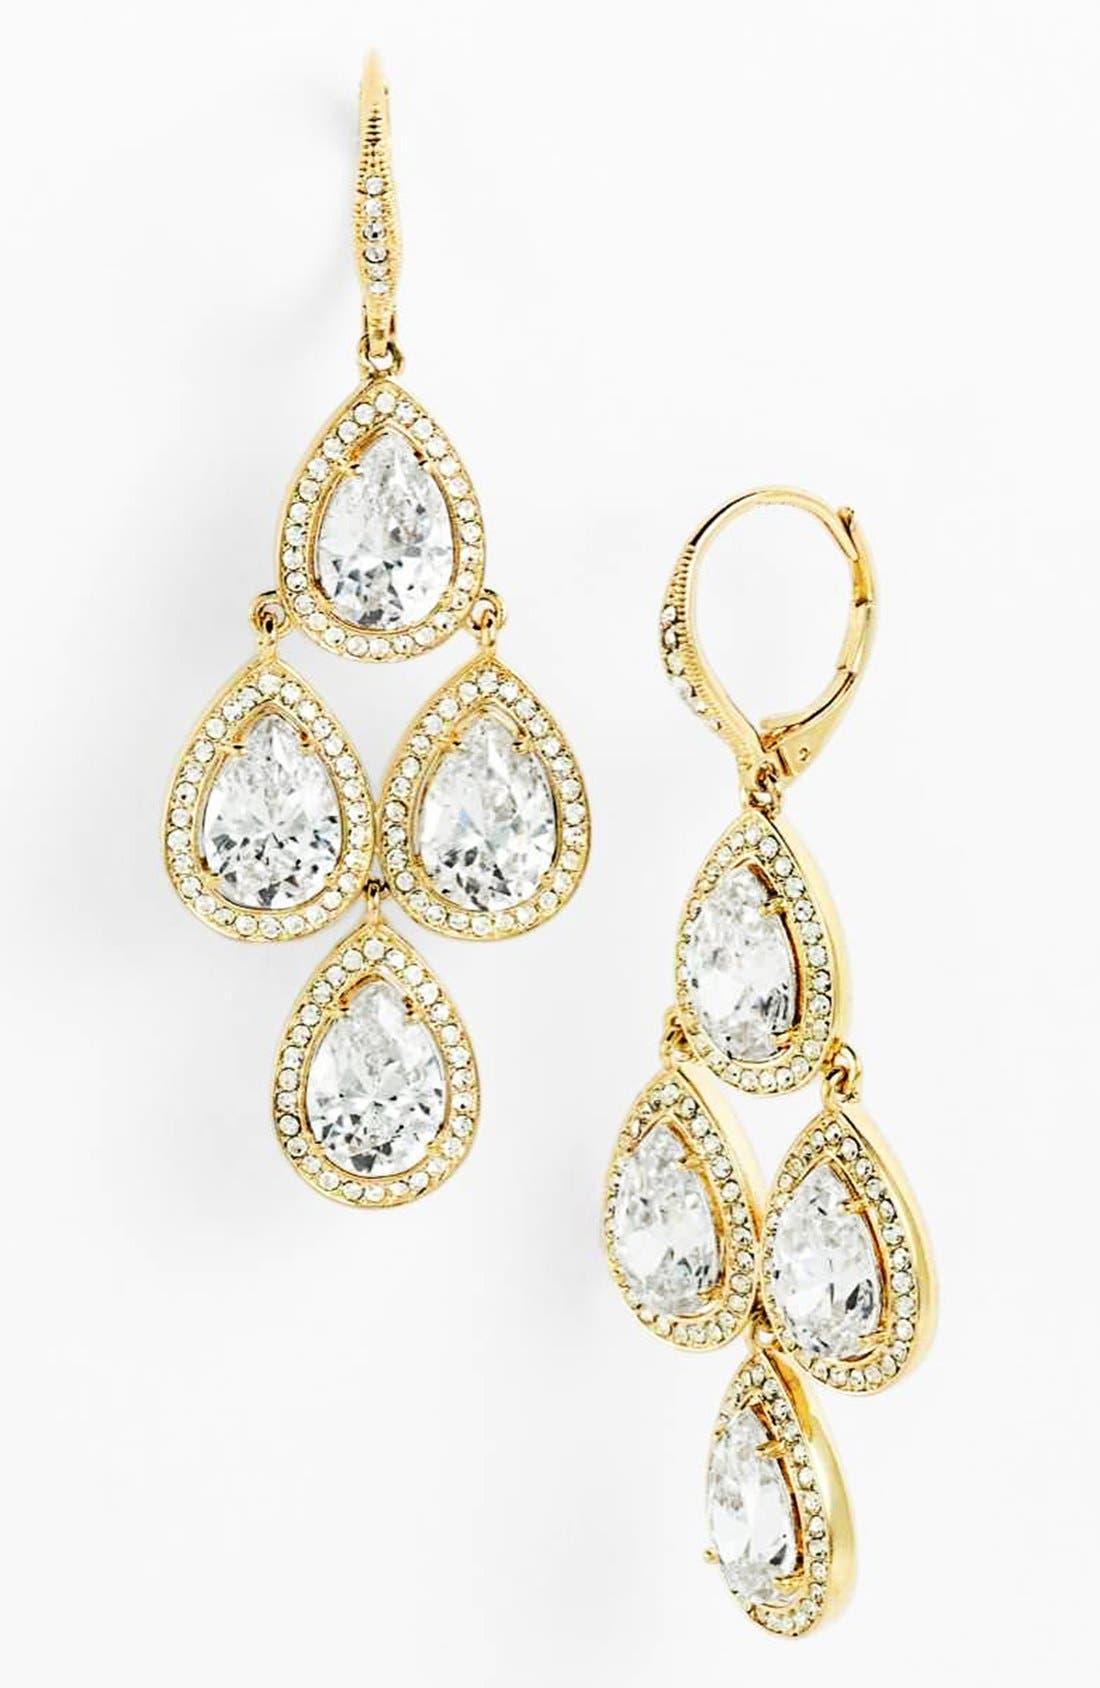 Nadri cubic zirconia chandelier earrings nordstrom exclusive nadri cubic zirconia chandelier earrings nordstrom exclusive nordstrom arubaitofo Image collections